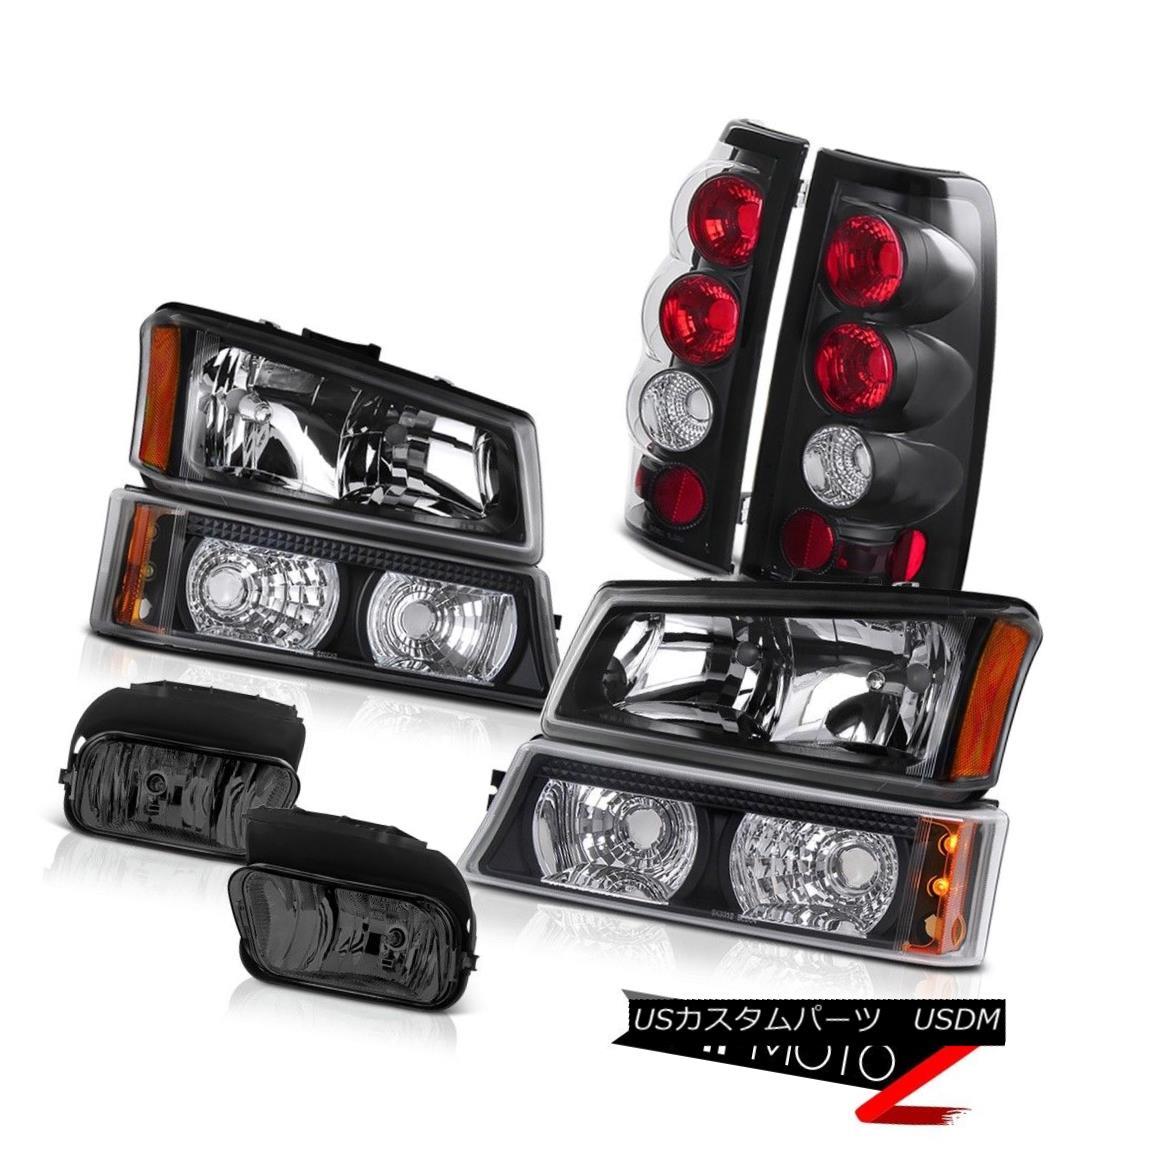 ヘッドライト 03-06 Silverado Black Headlight Crystal Bumper Smoked Tail Lights Brake Foglight 03-06 Silverado BlackヘッドライトクリスタルバンパースモークテールライトブレーキFoglight